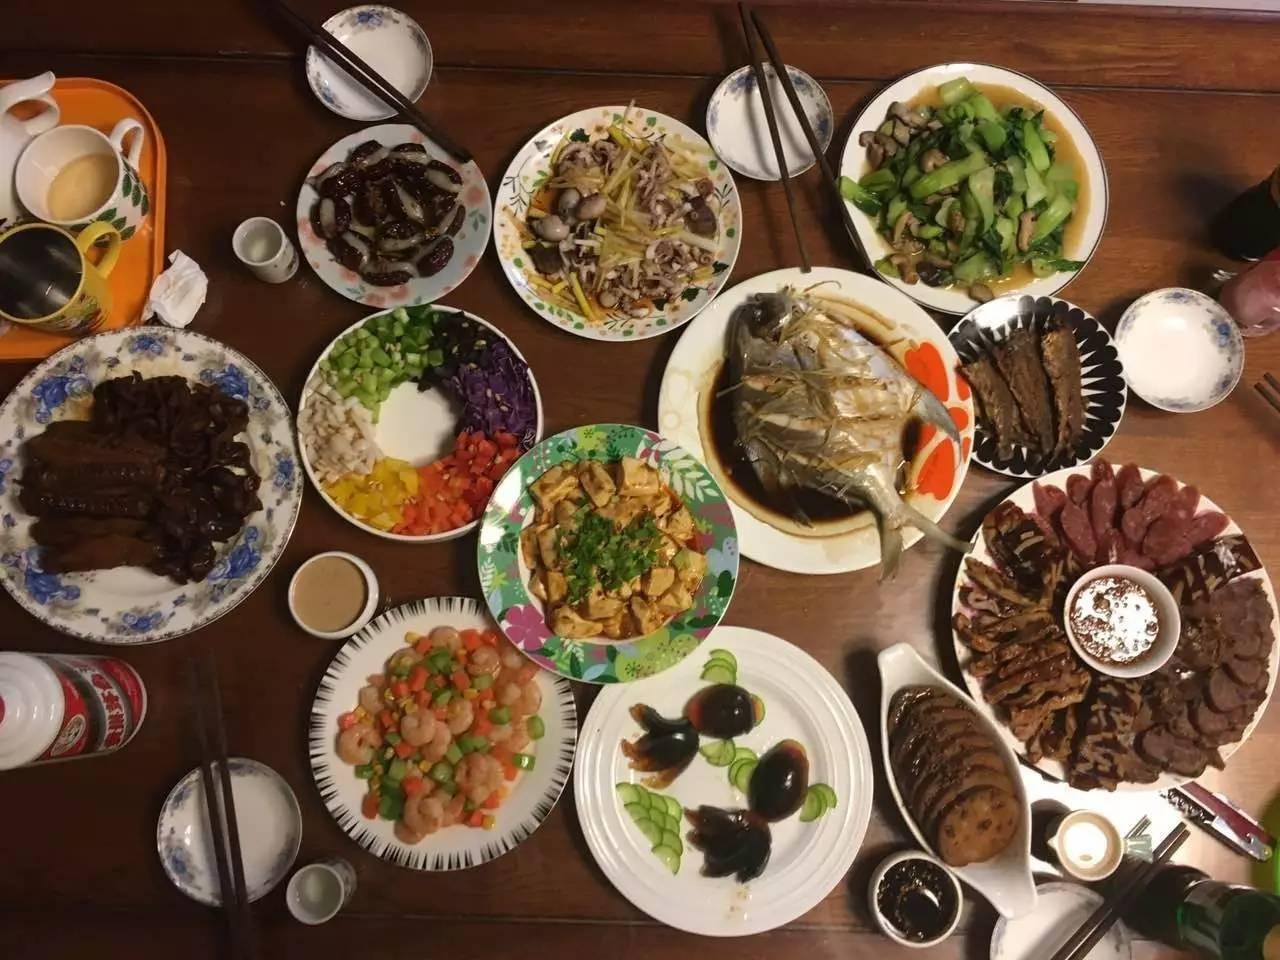 高圆圆来青岛_没想到这是一条有福利的年夜饭盛宴!我最喜欢第30桌… - 青岛 ...